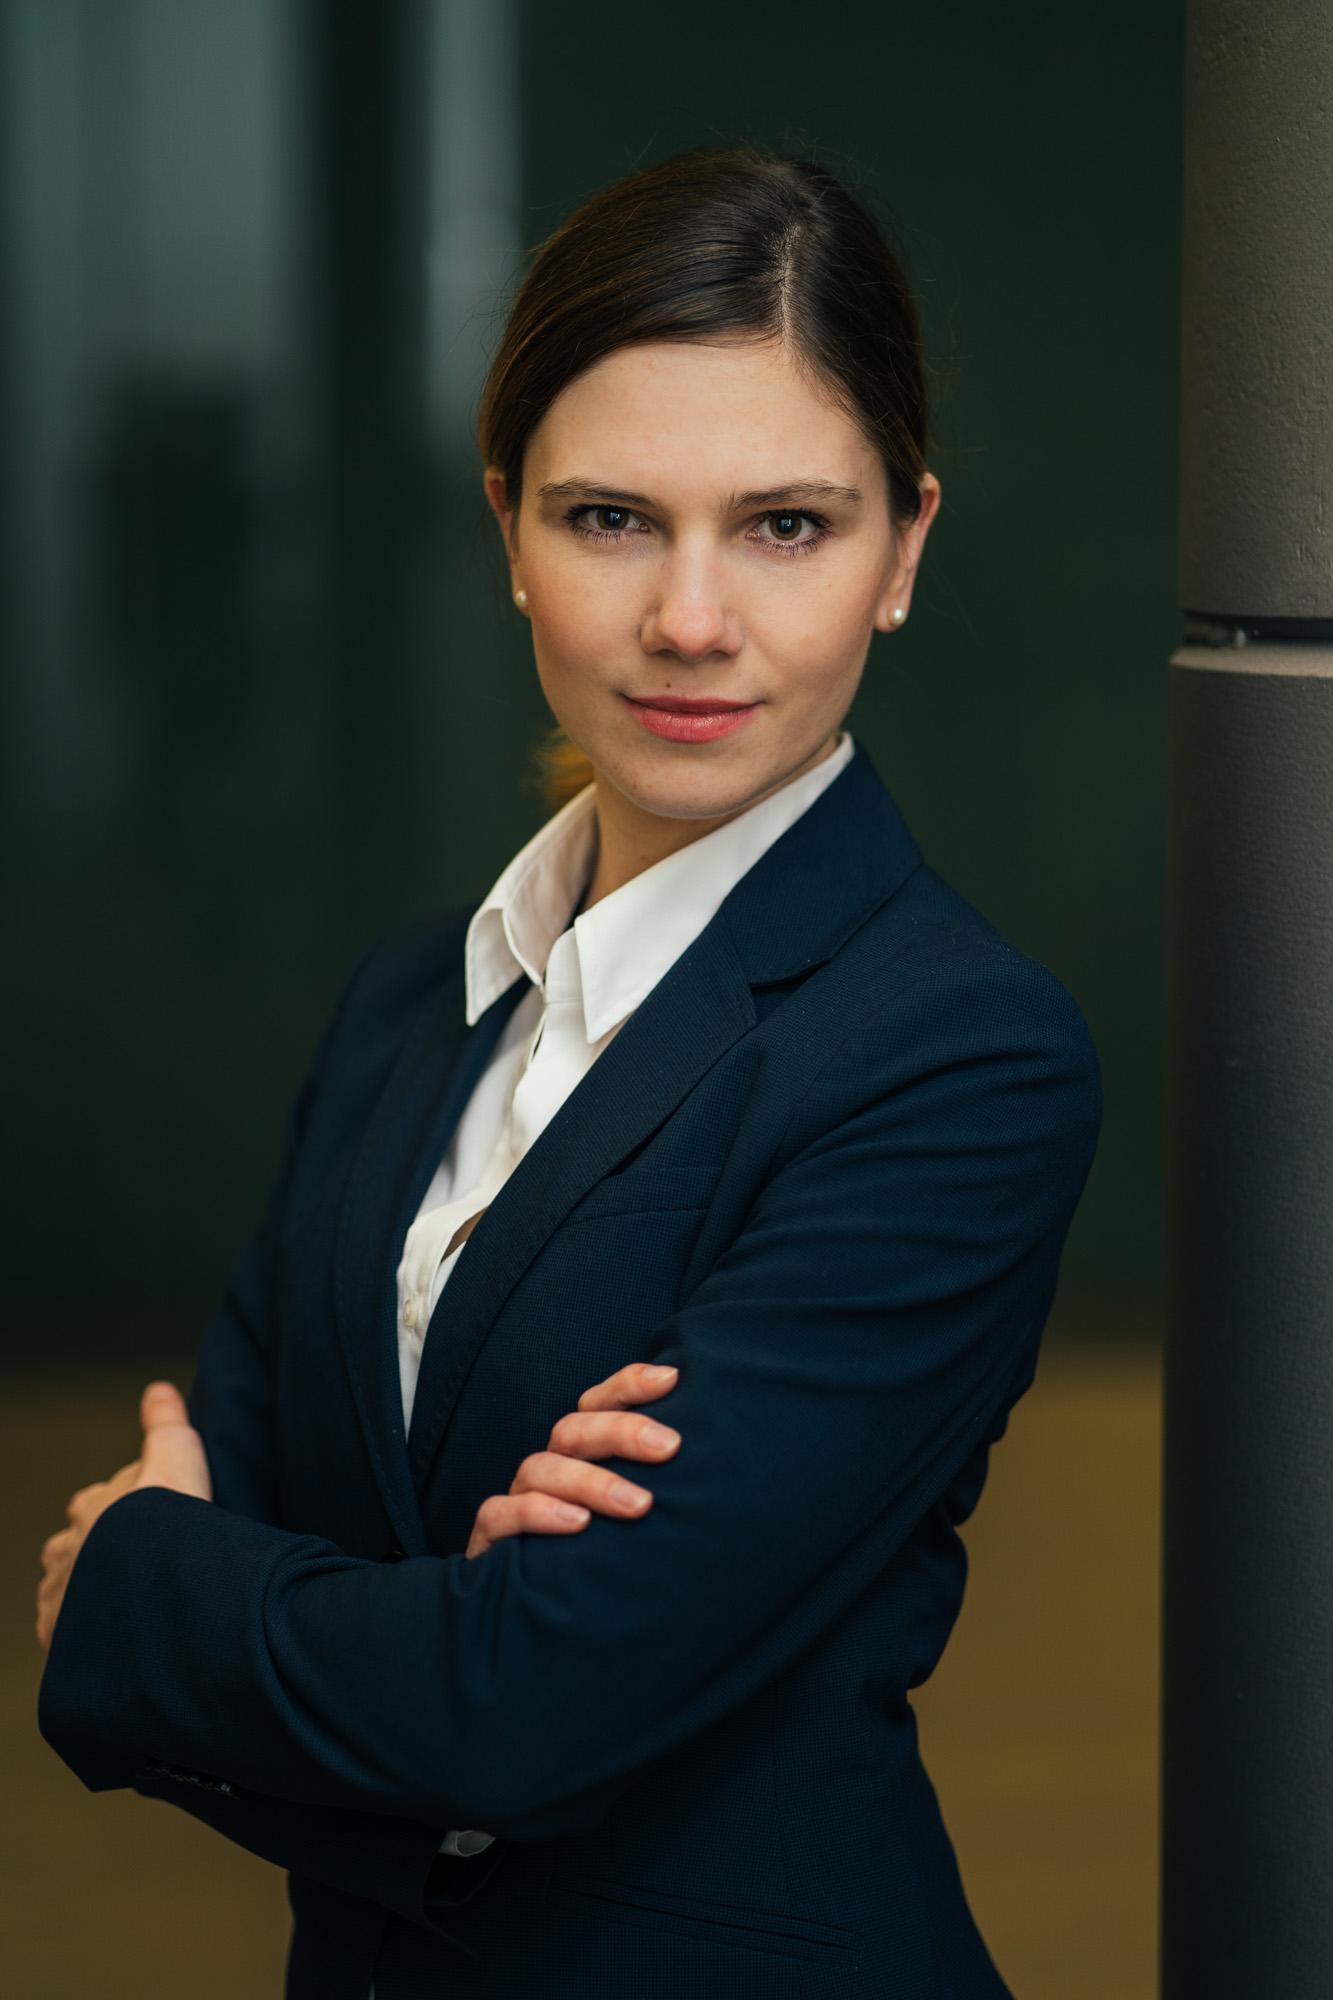 viola - Portrait